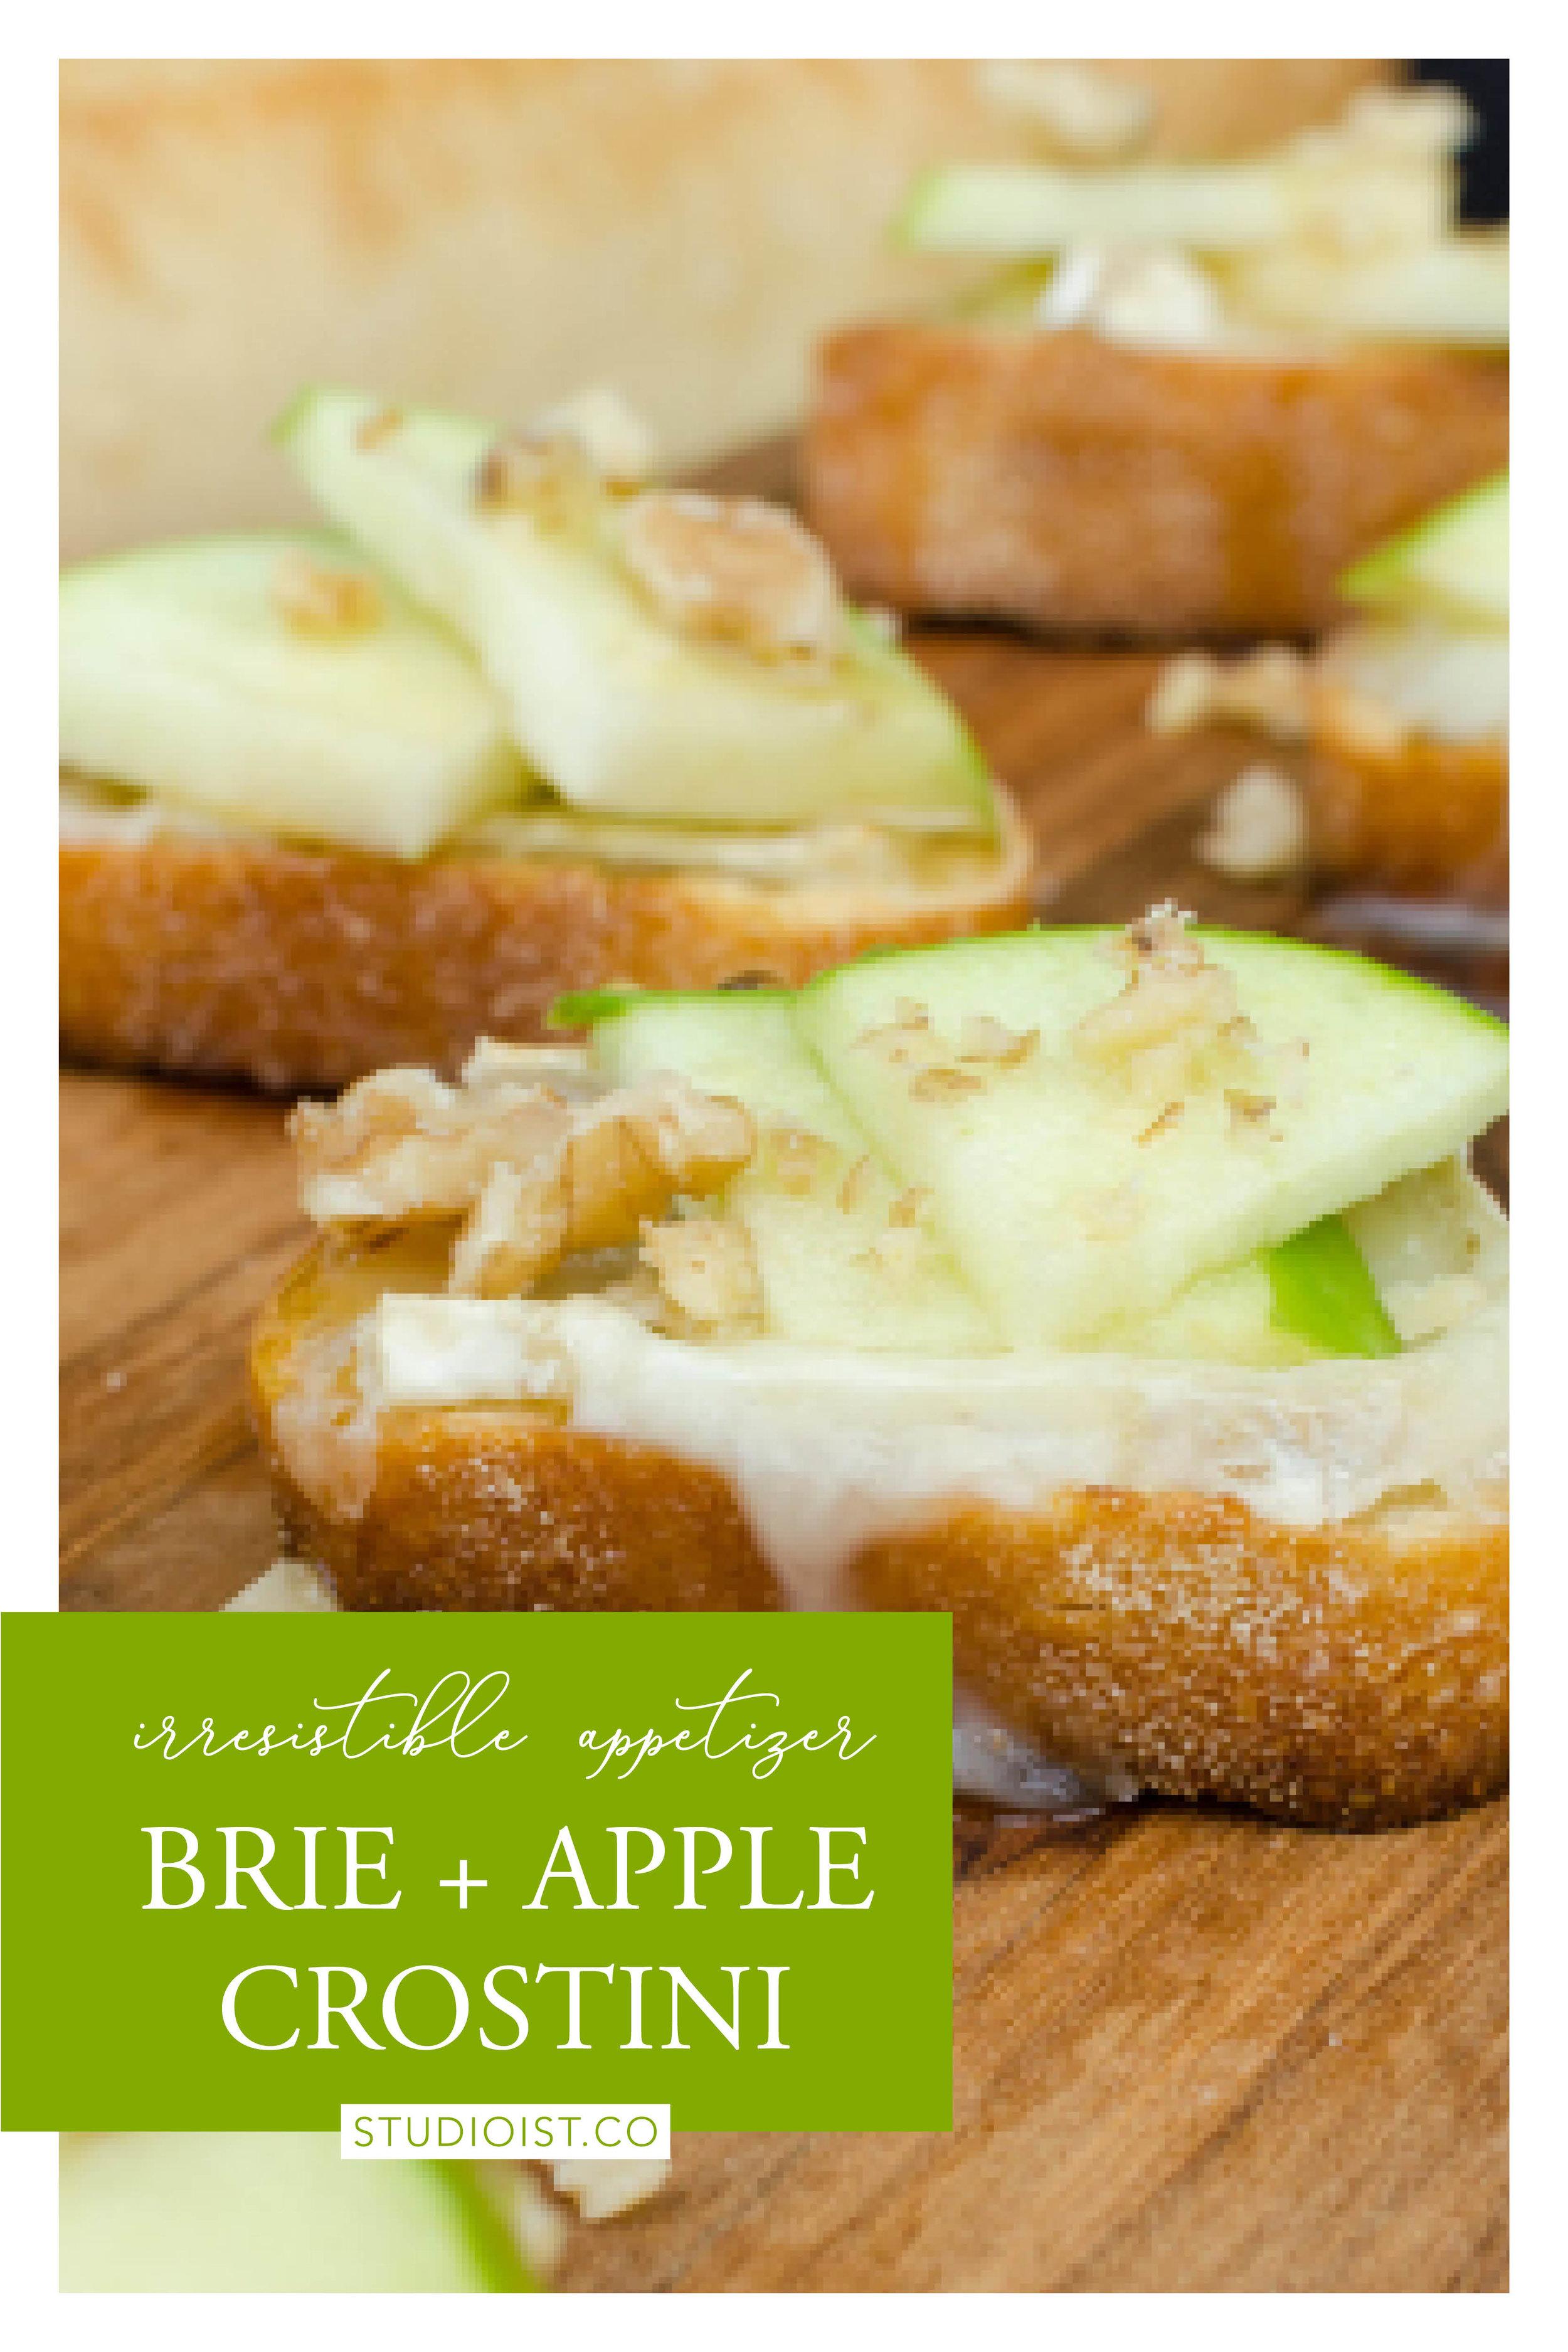 Studioist_Pinterest Design_Brie-Apple Crostini4.jpg